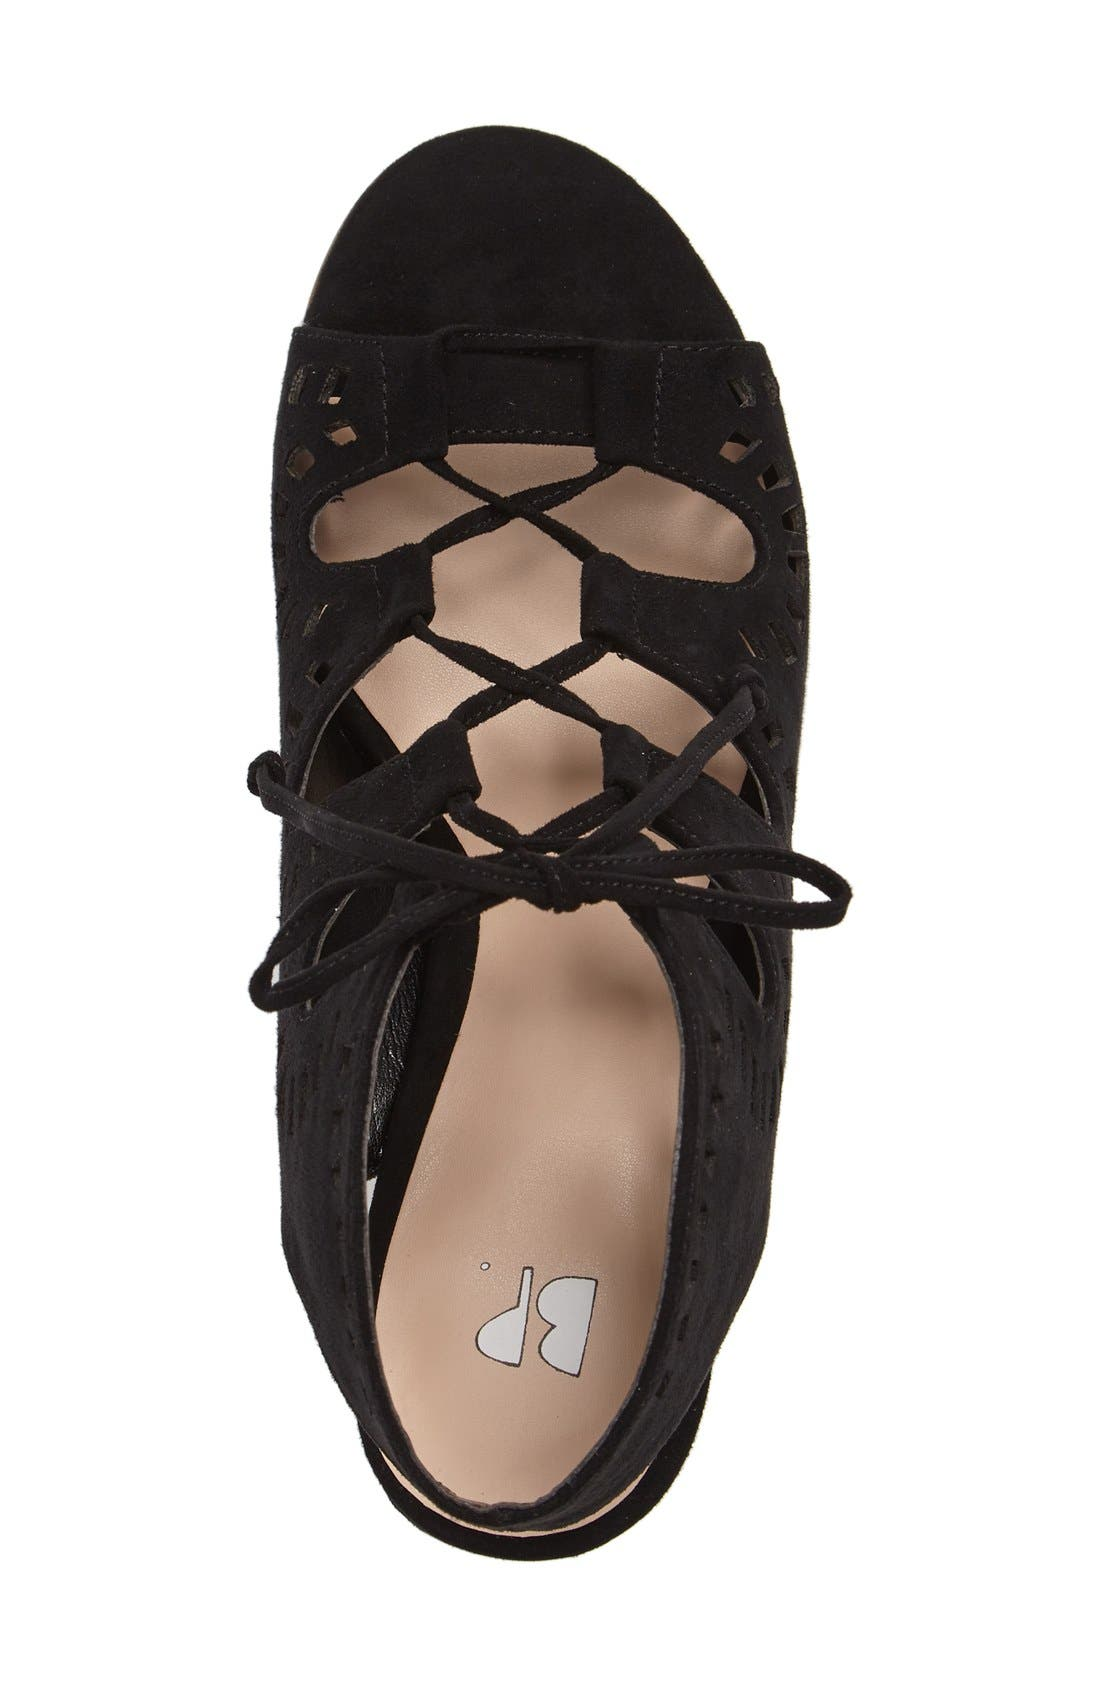 Decker Lace-Up Sandal,                             Alternate thumbnail 6, color,                             003